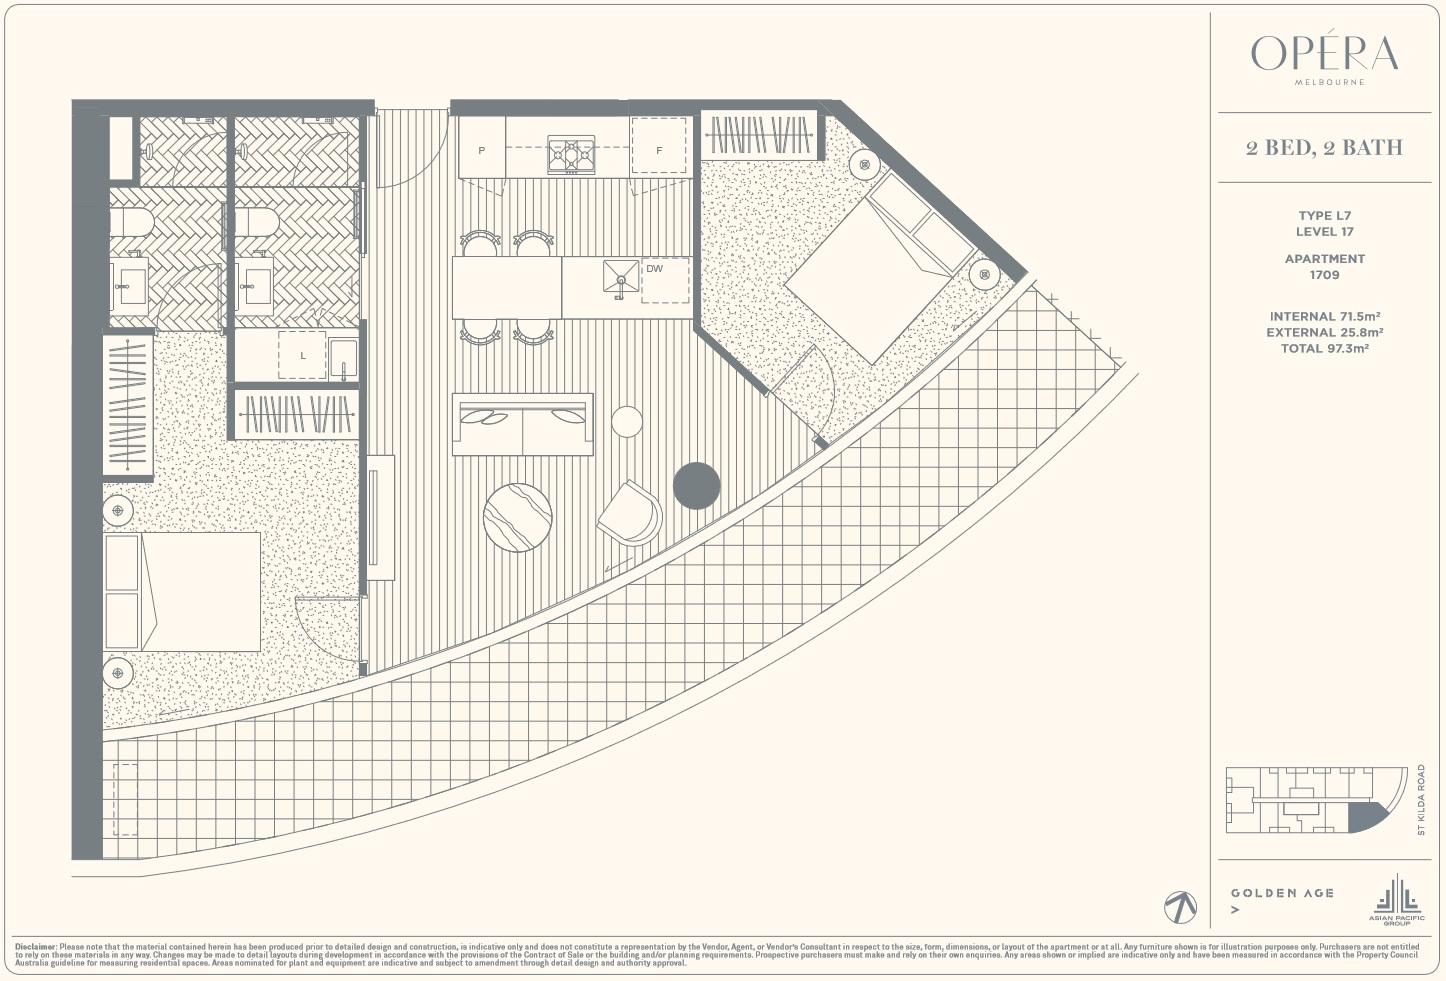 Floor Plan Type L7 - 2Bed2Bath